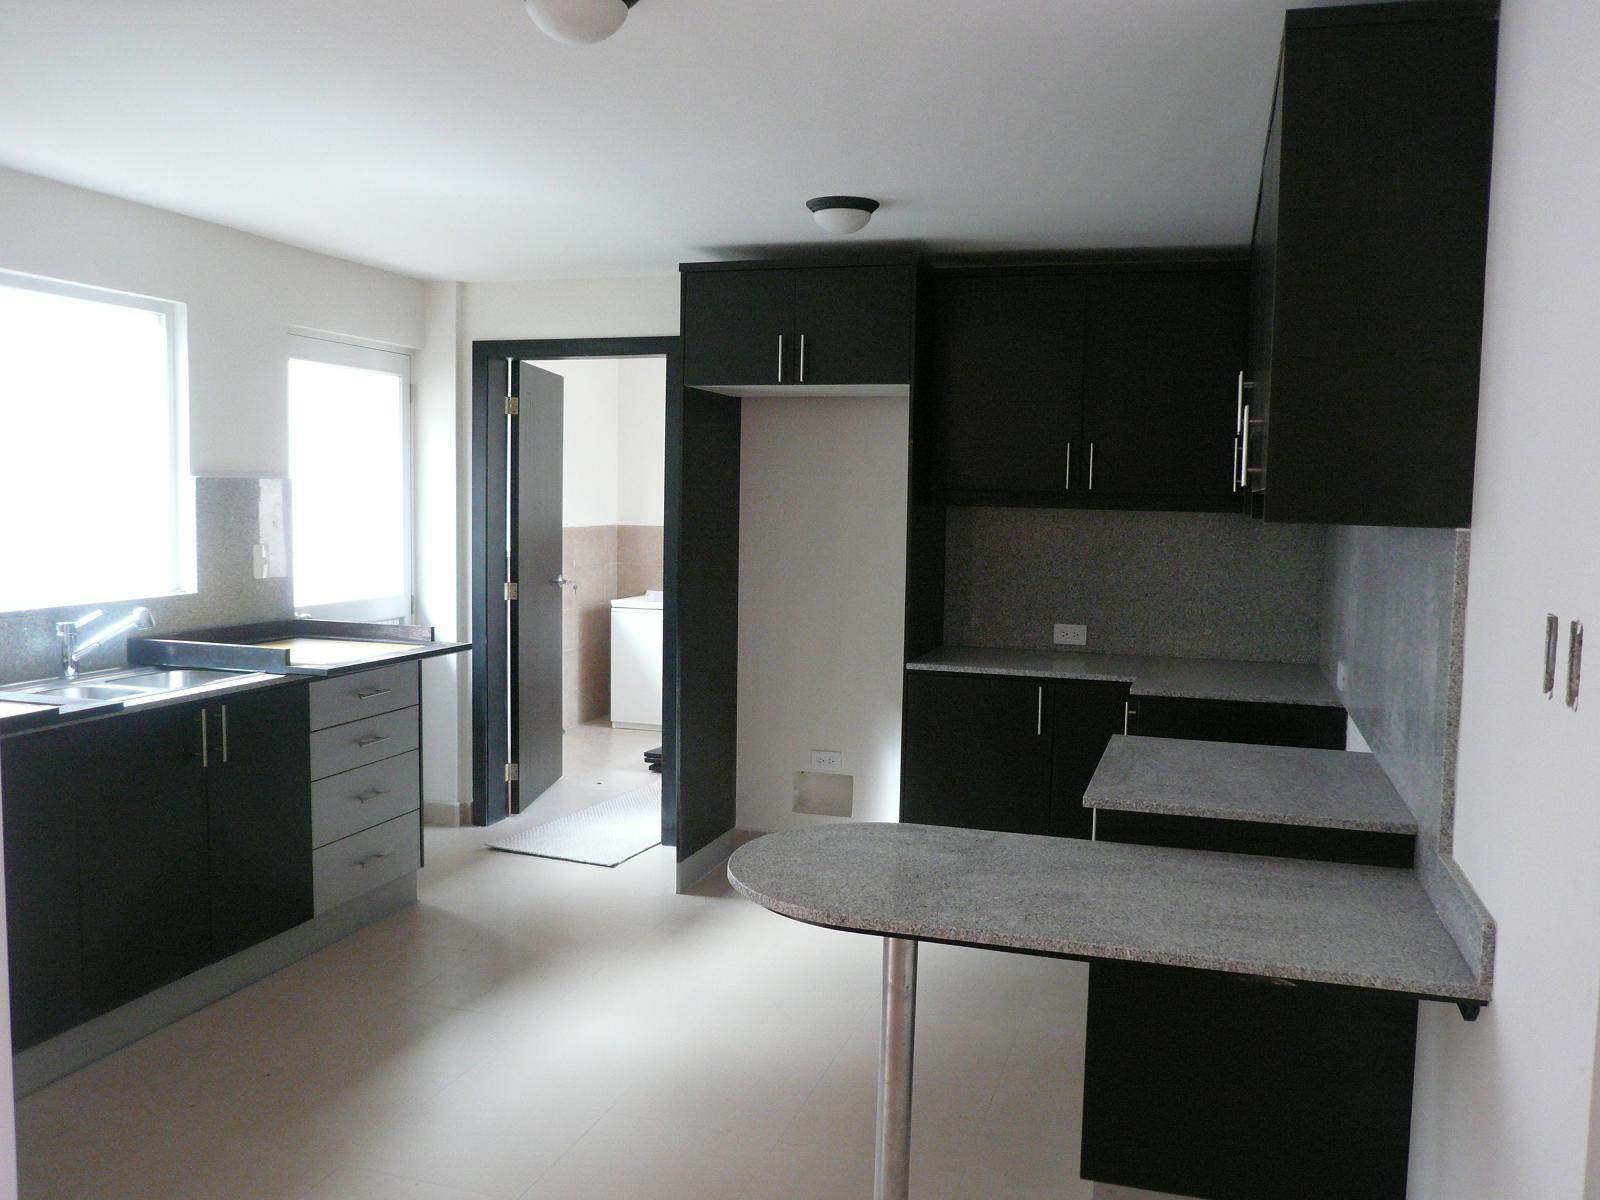 Griferia Para Baño Importada: cocina con muebles y mesón de granito grifería de excelente calidad